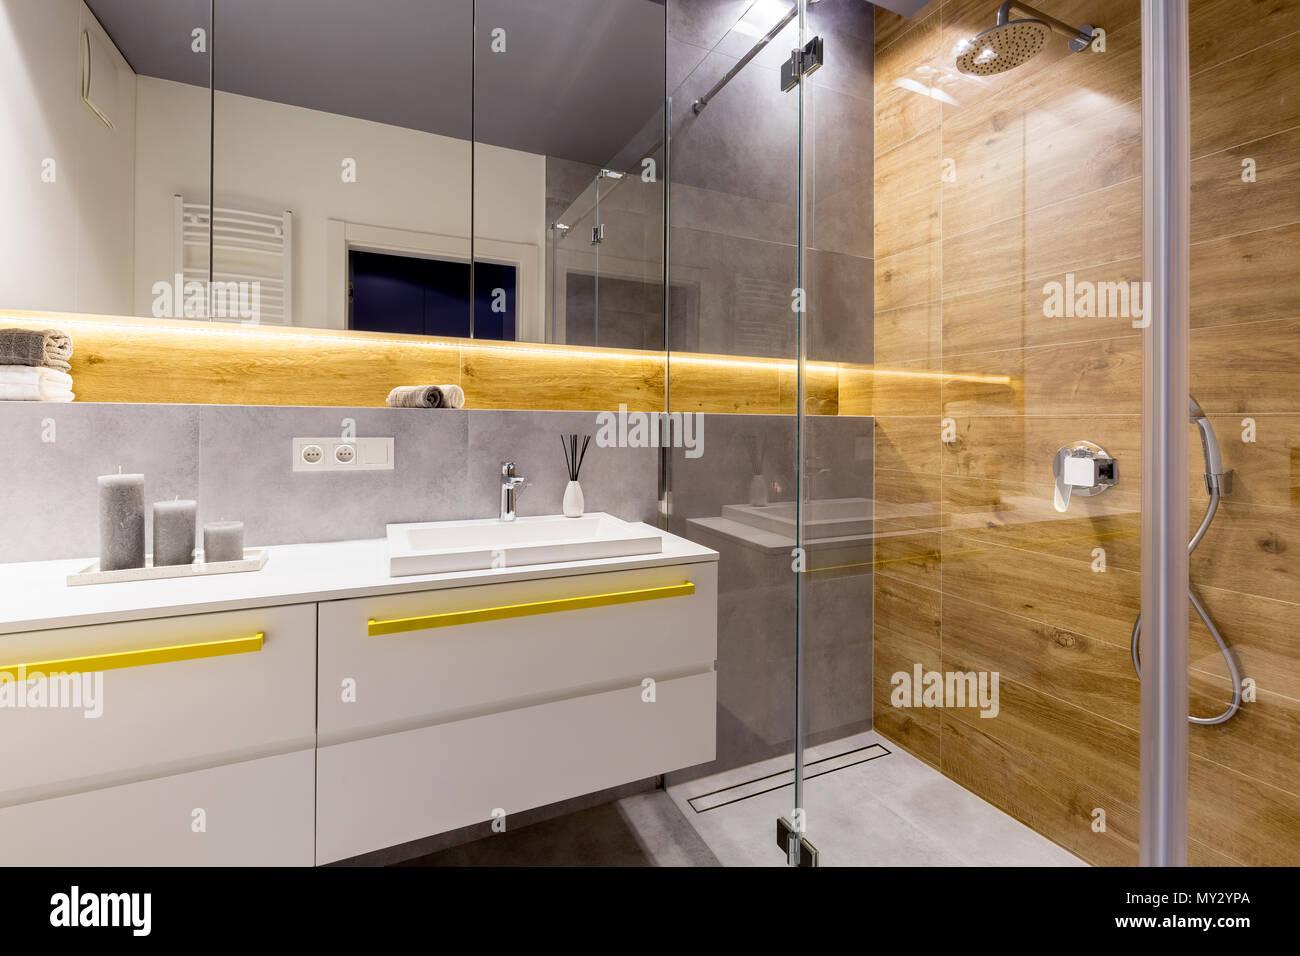 Mur en bois dans une salle de bains moderne avec un miroir au-dessus ...